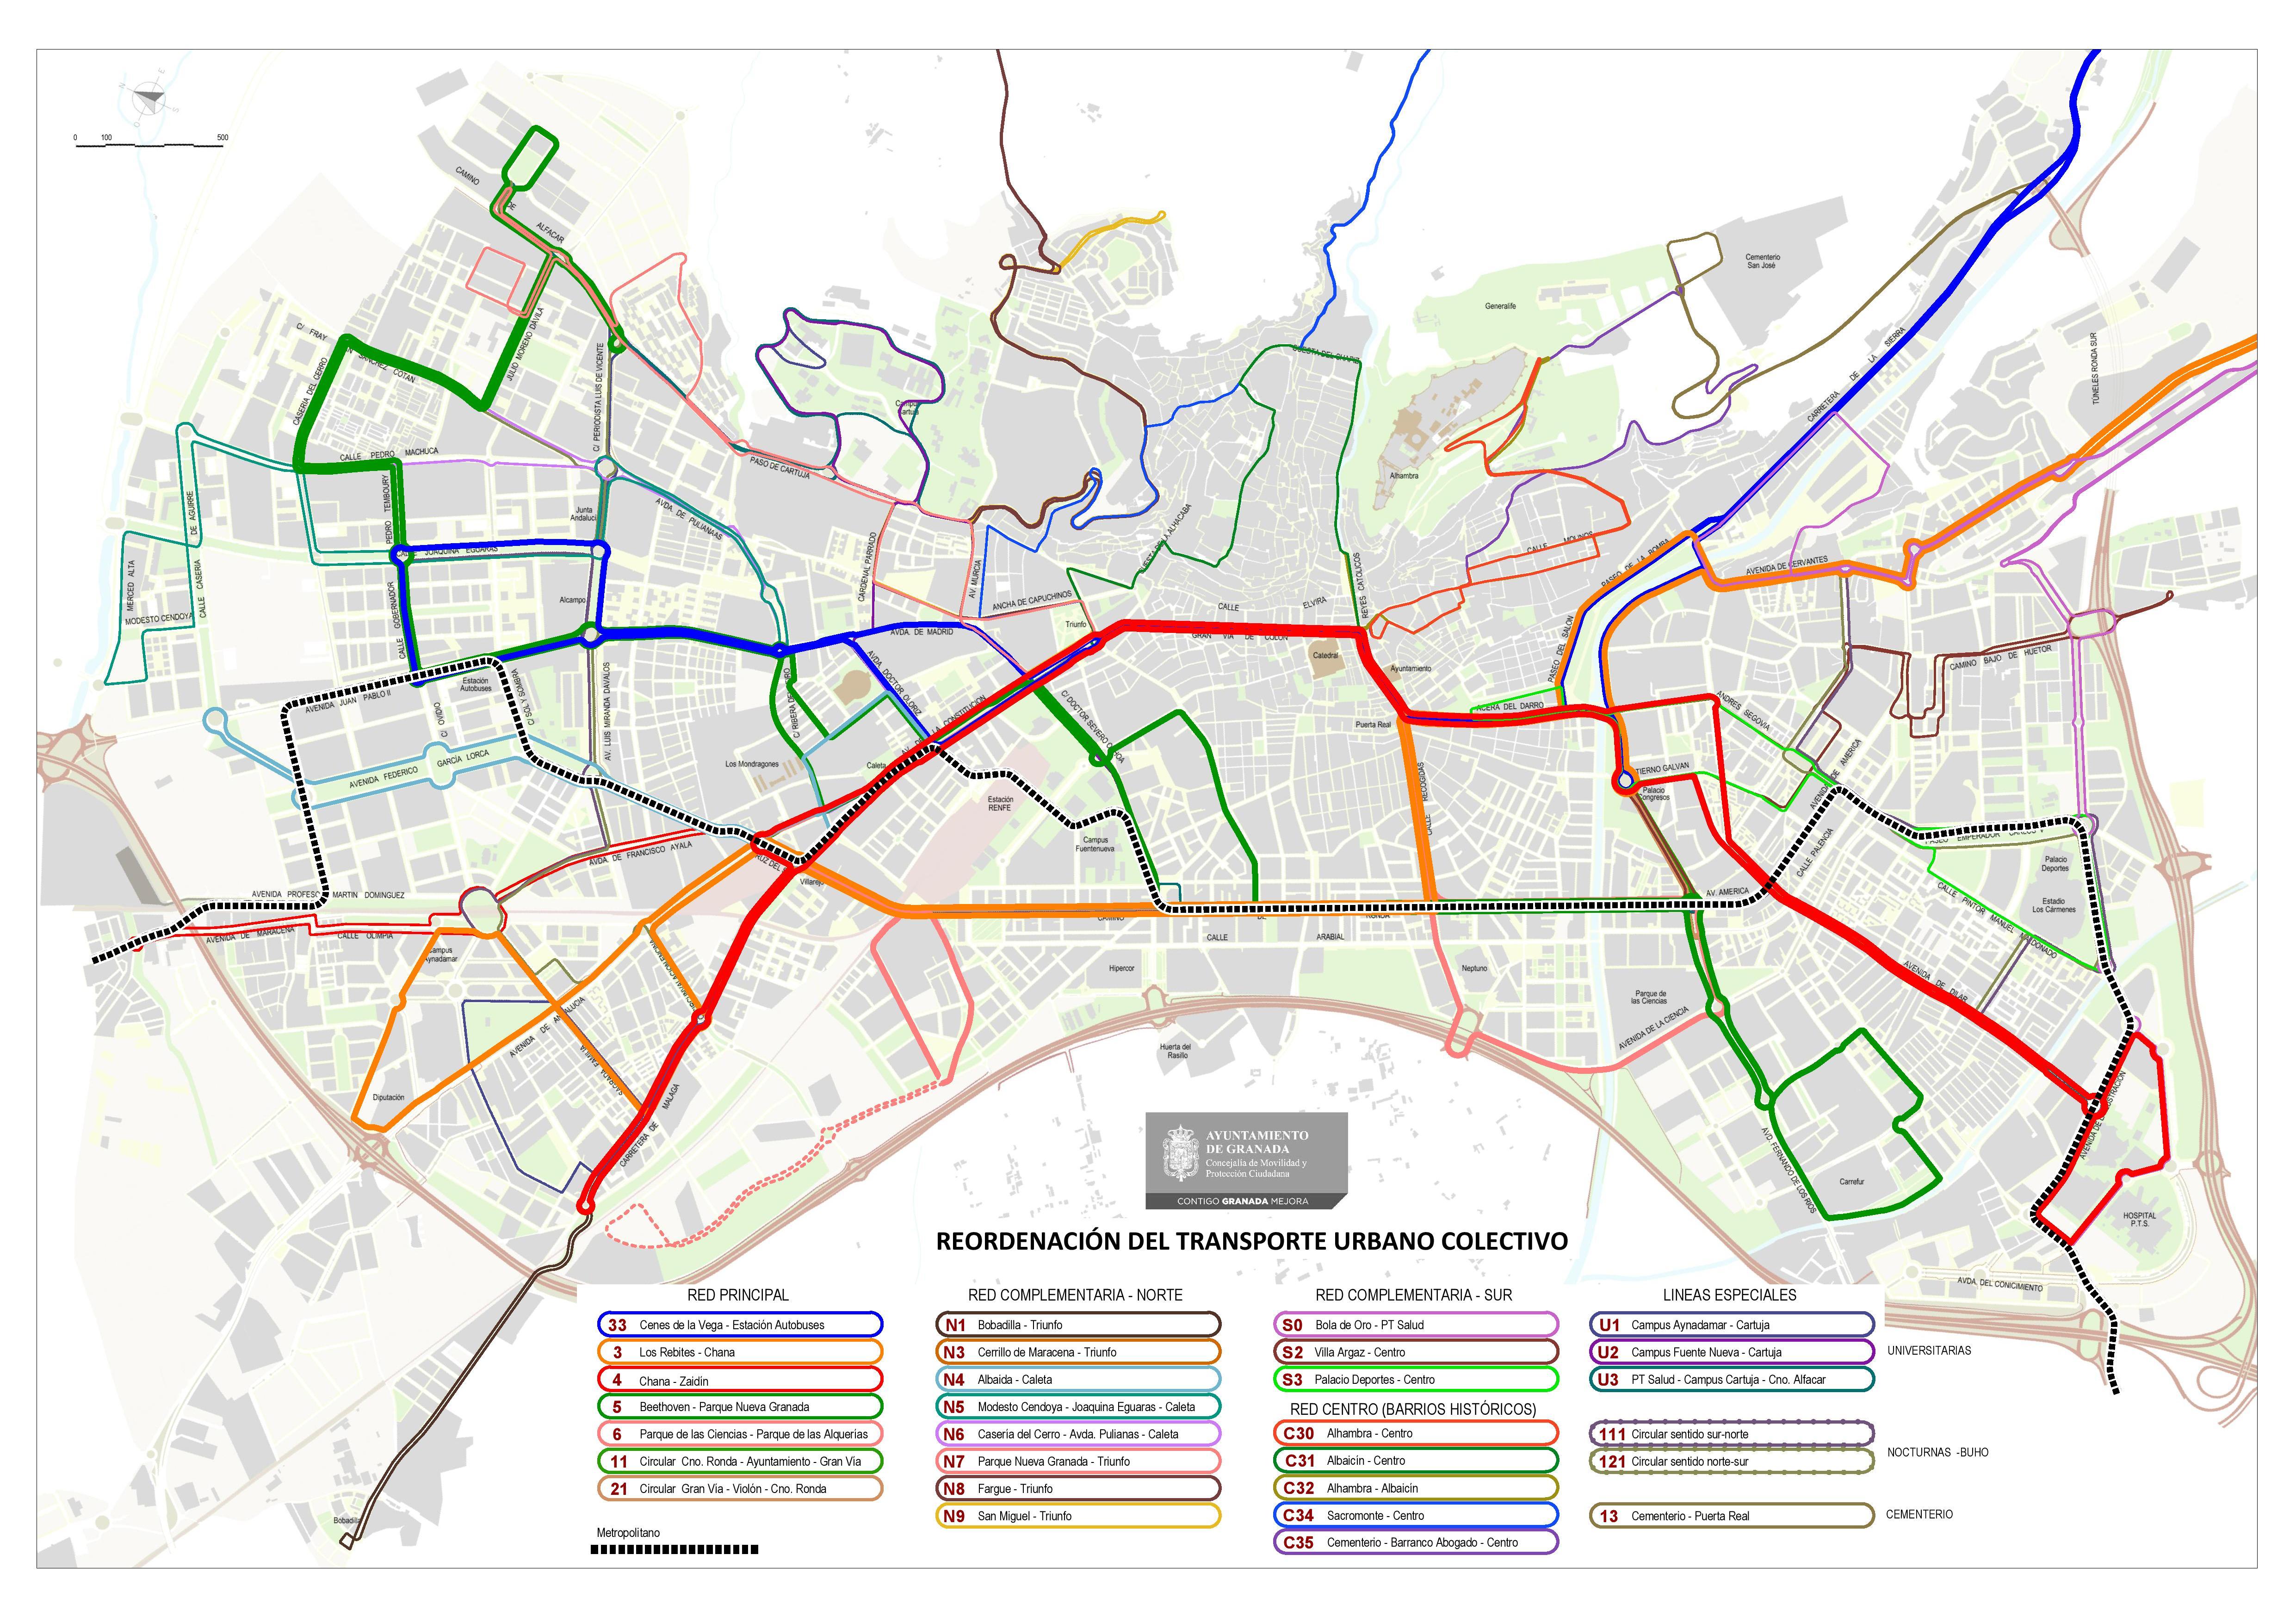 El nuevo mapa del transporte público en Granada